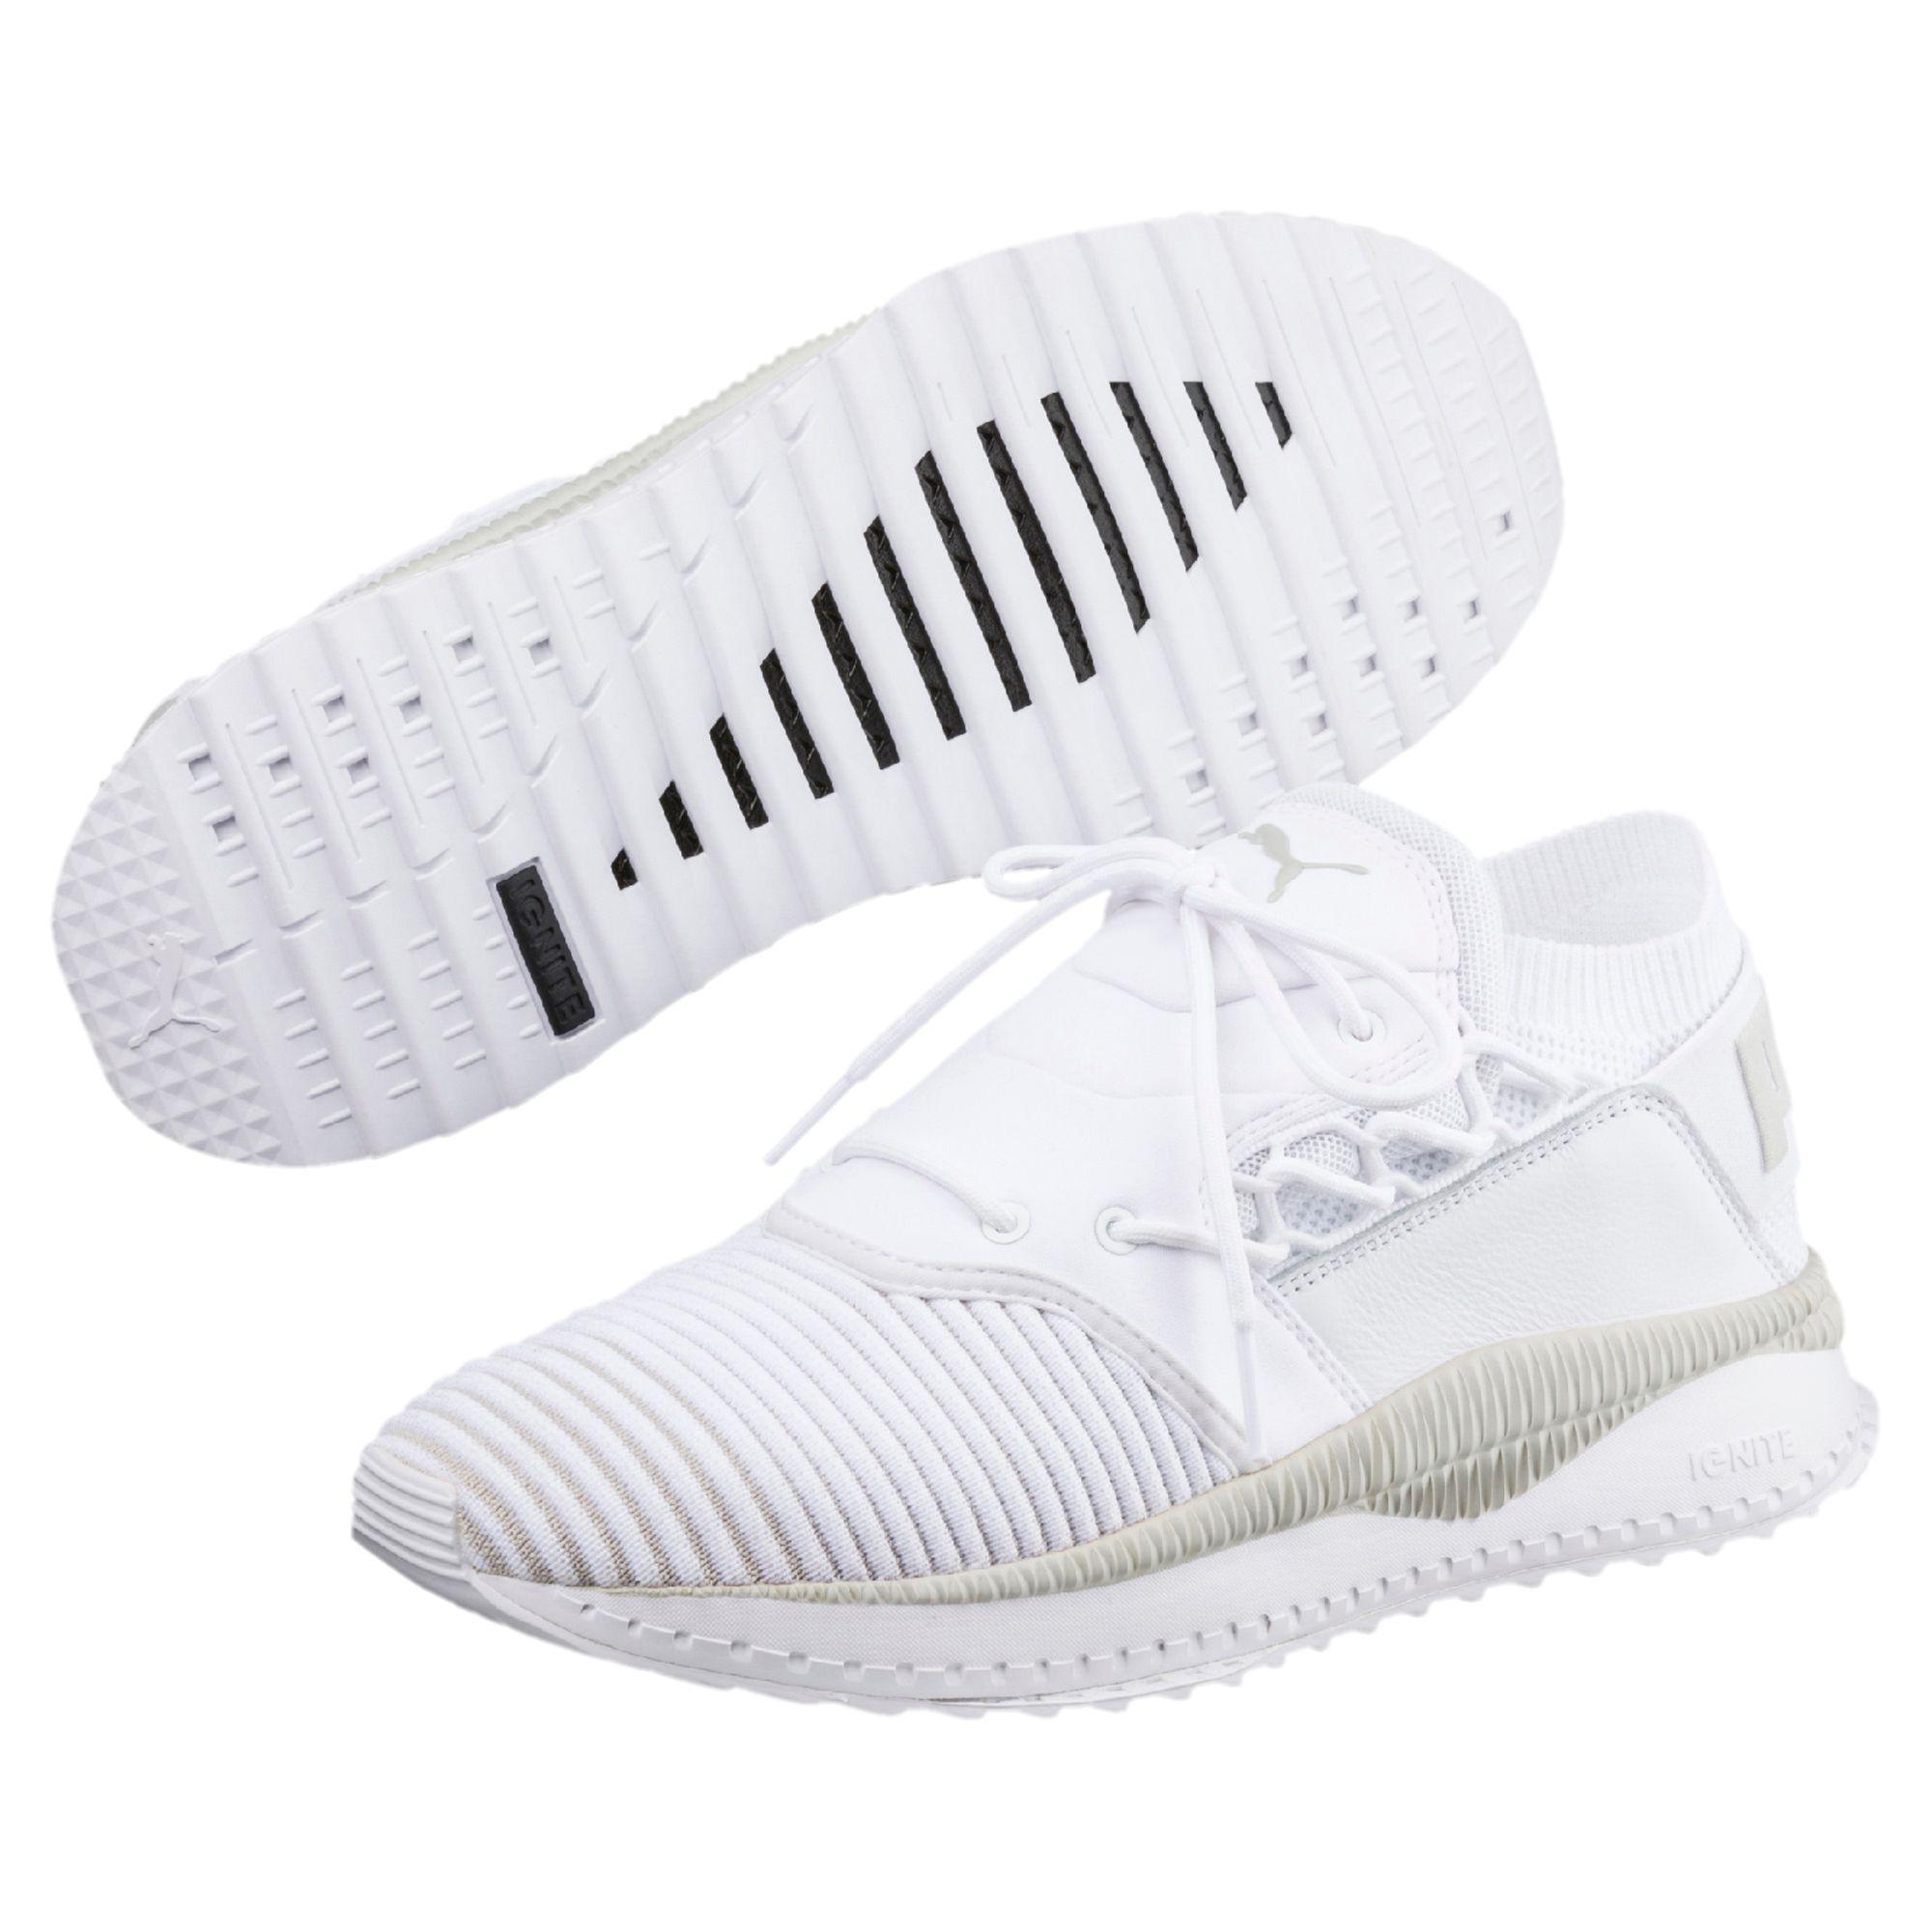 3d0f873cef6a Lyst - PUMA Tsugi Shinsei Evoknit Sneakers in White for Men